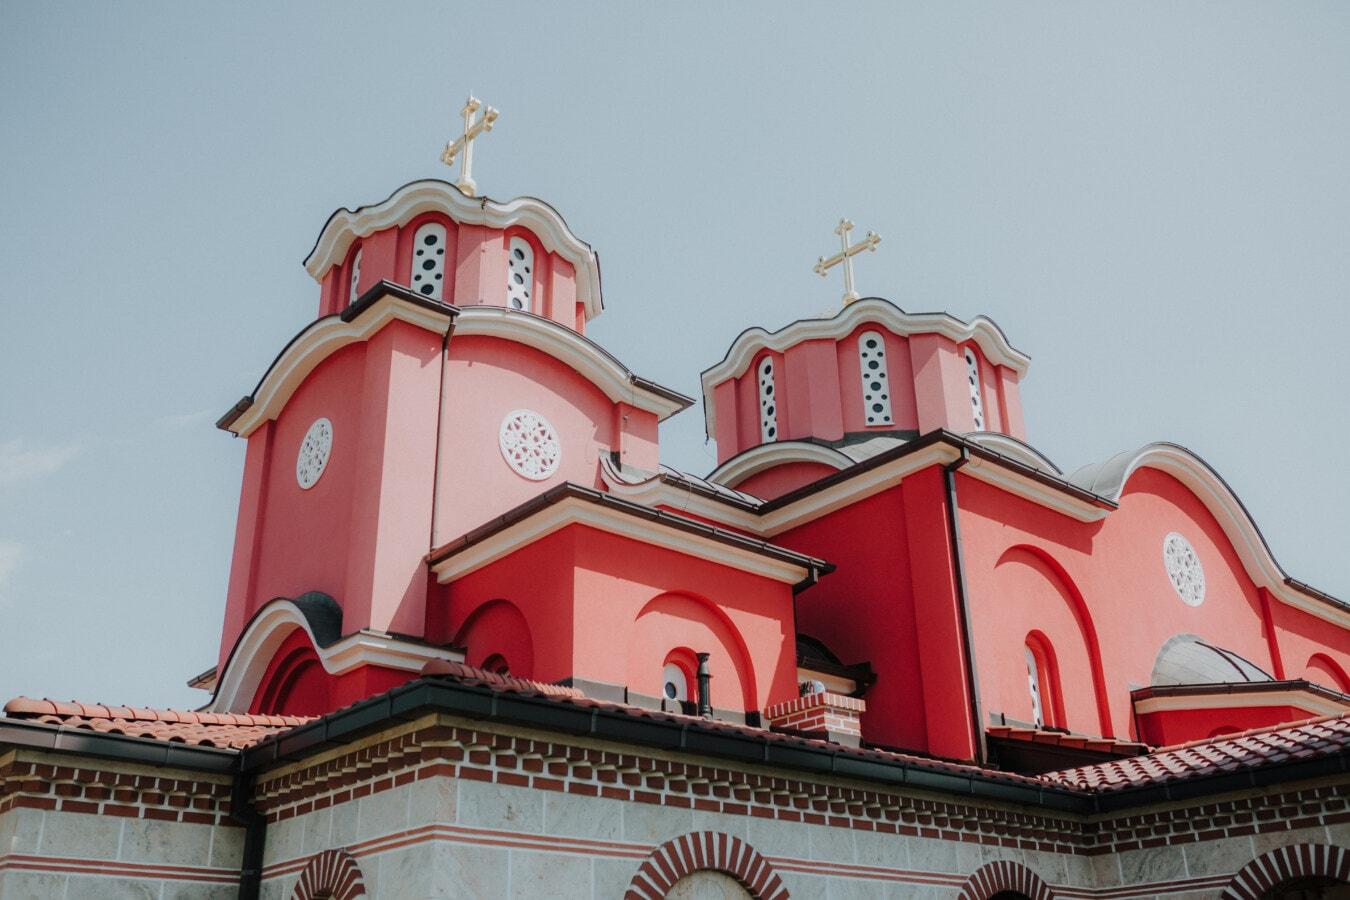 rouge foncé, couleur, Byzantine, tour, steeple, monastère, église, patrimoine, médiévale, orthodoxe